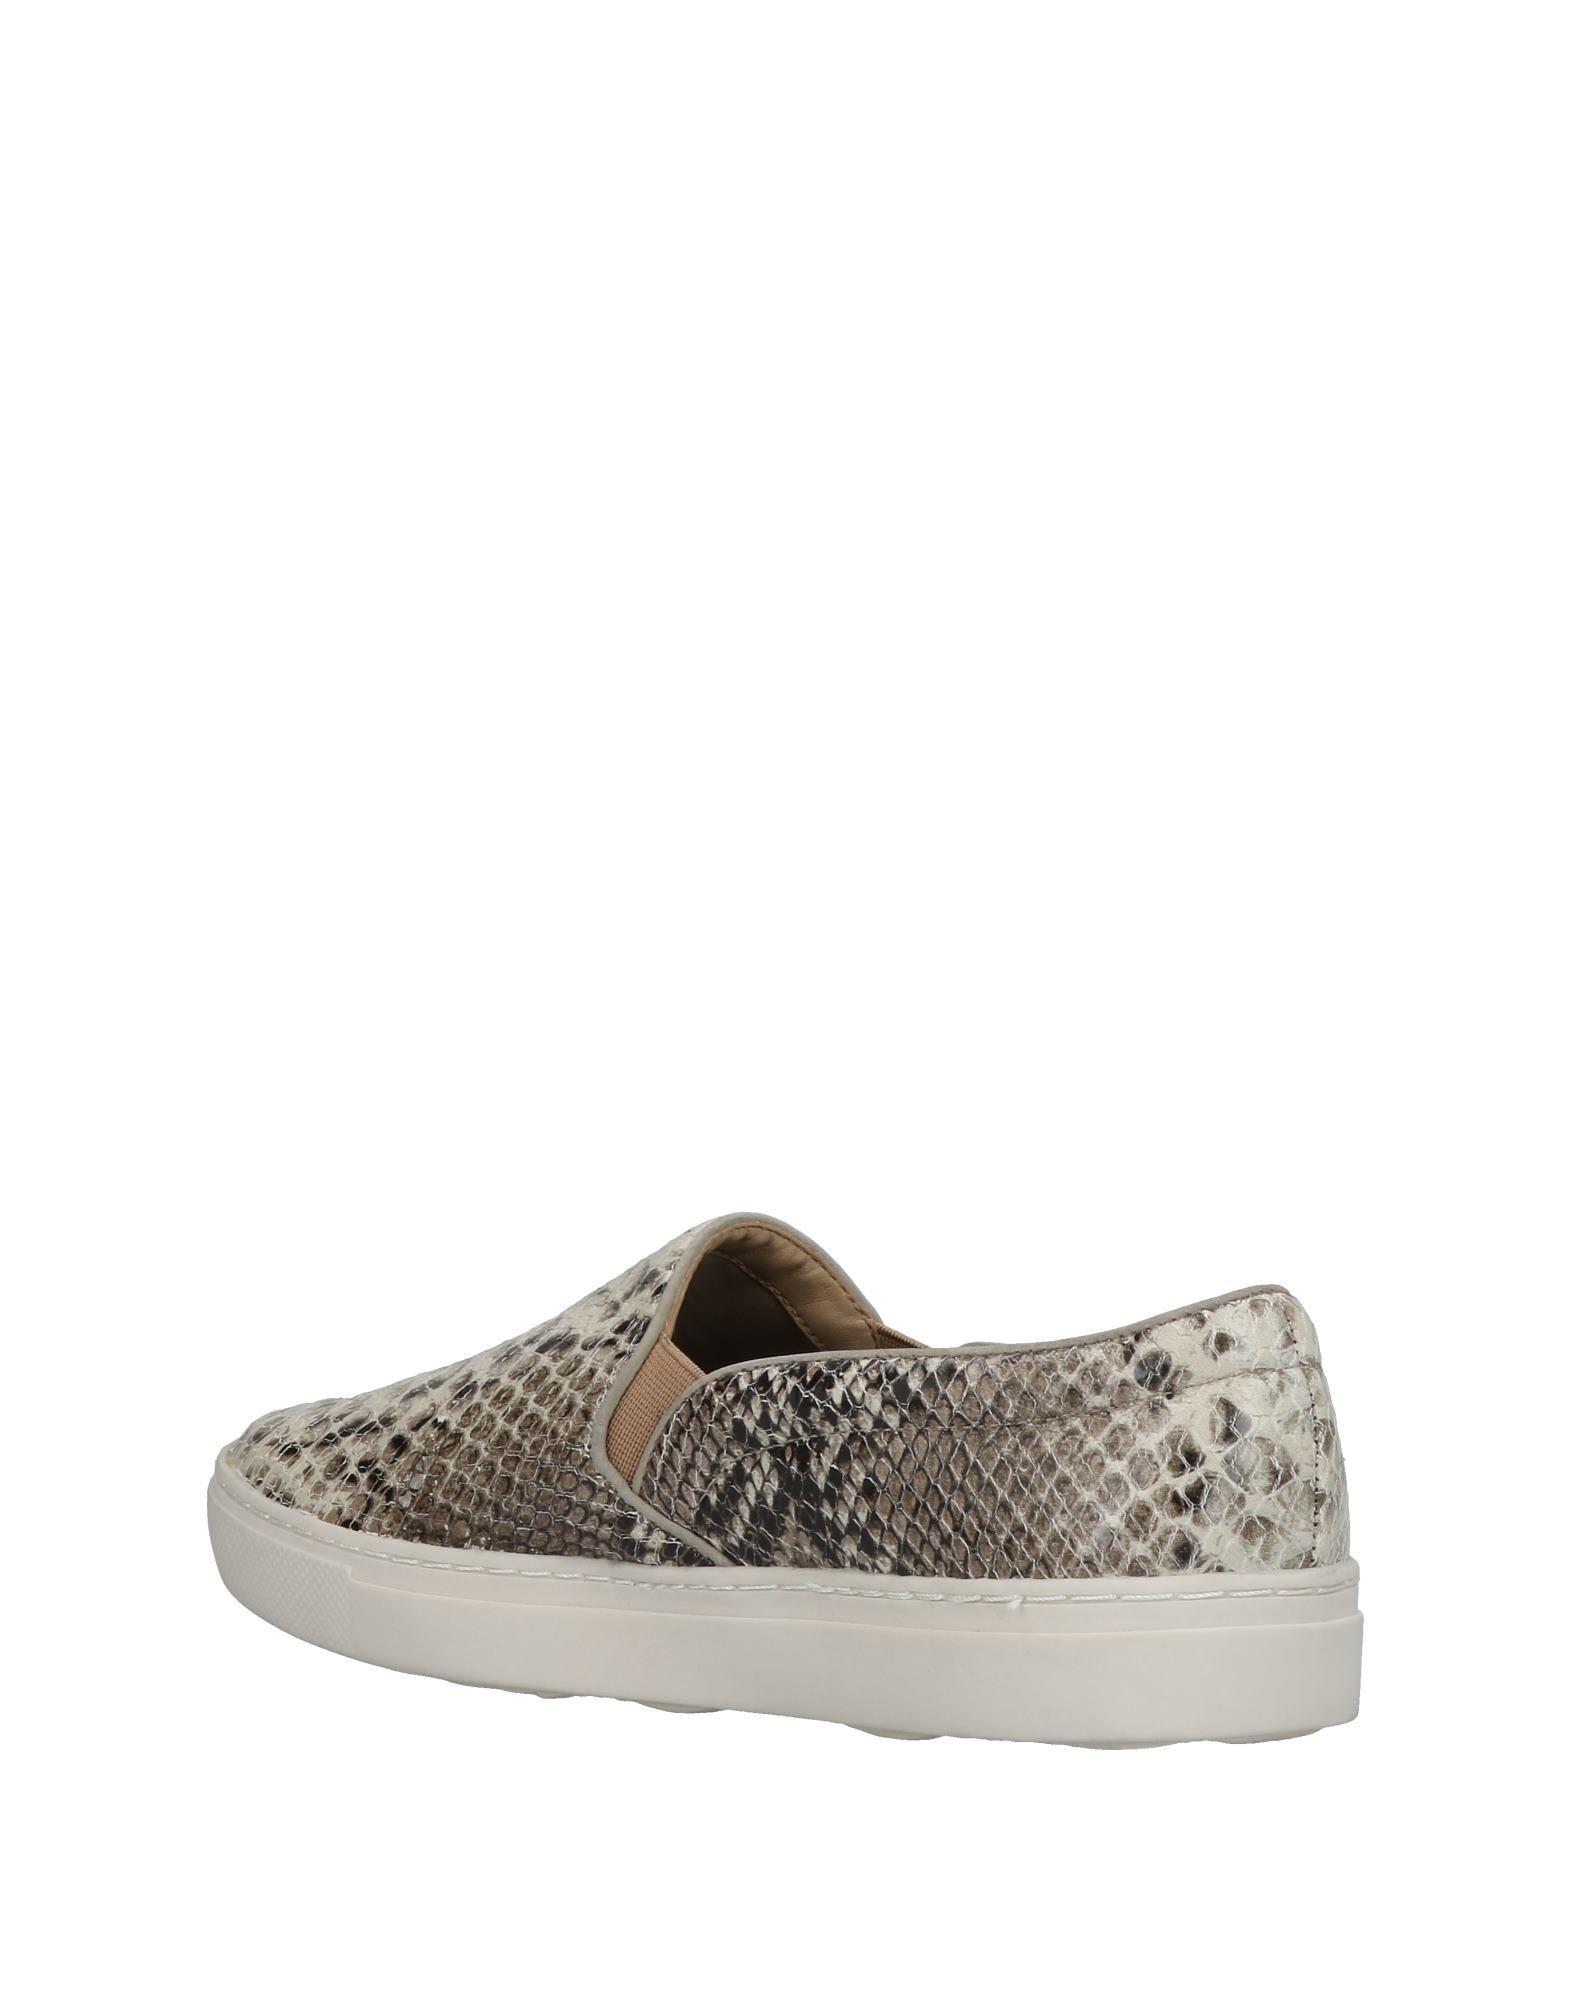 Sneakers Schutz Femme - Sneakers Schutz sur